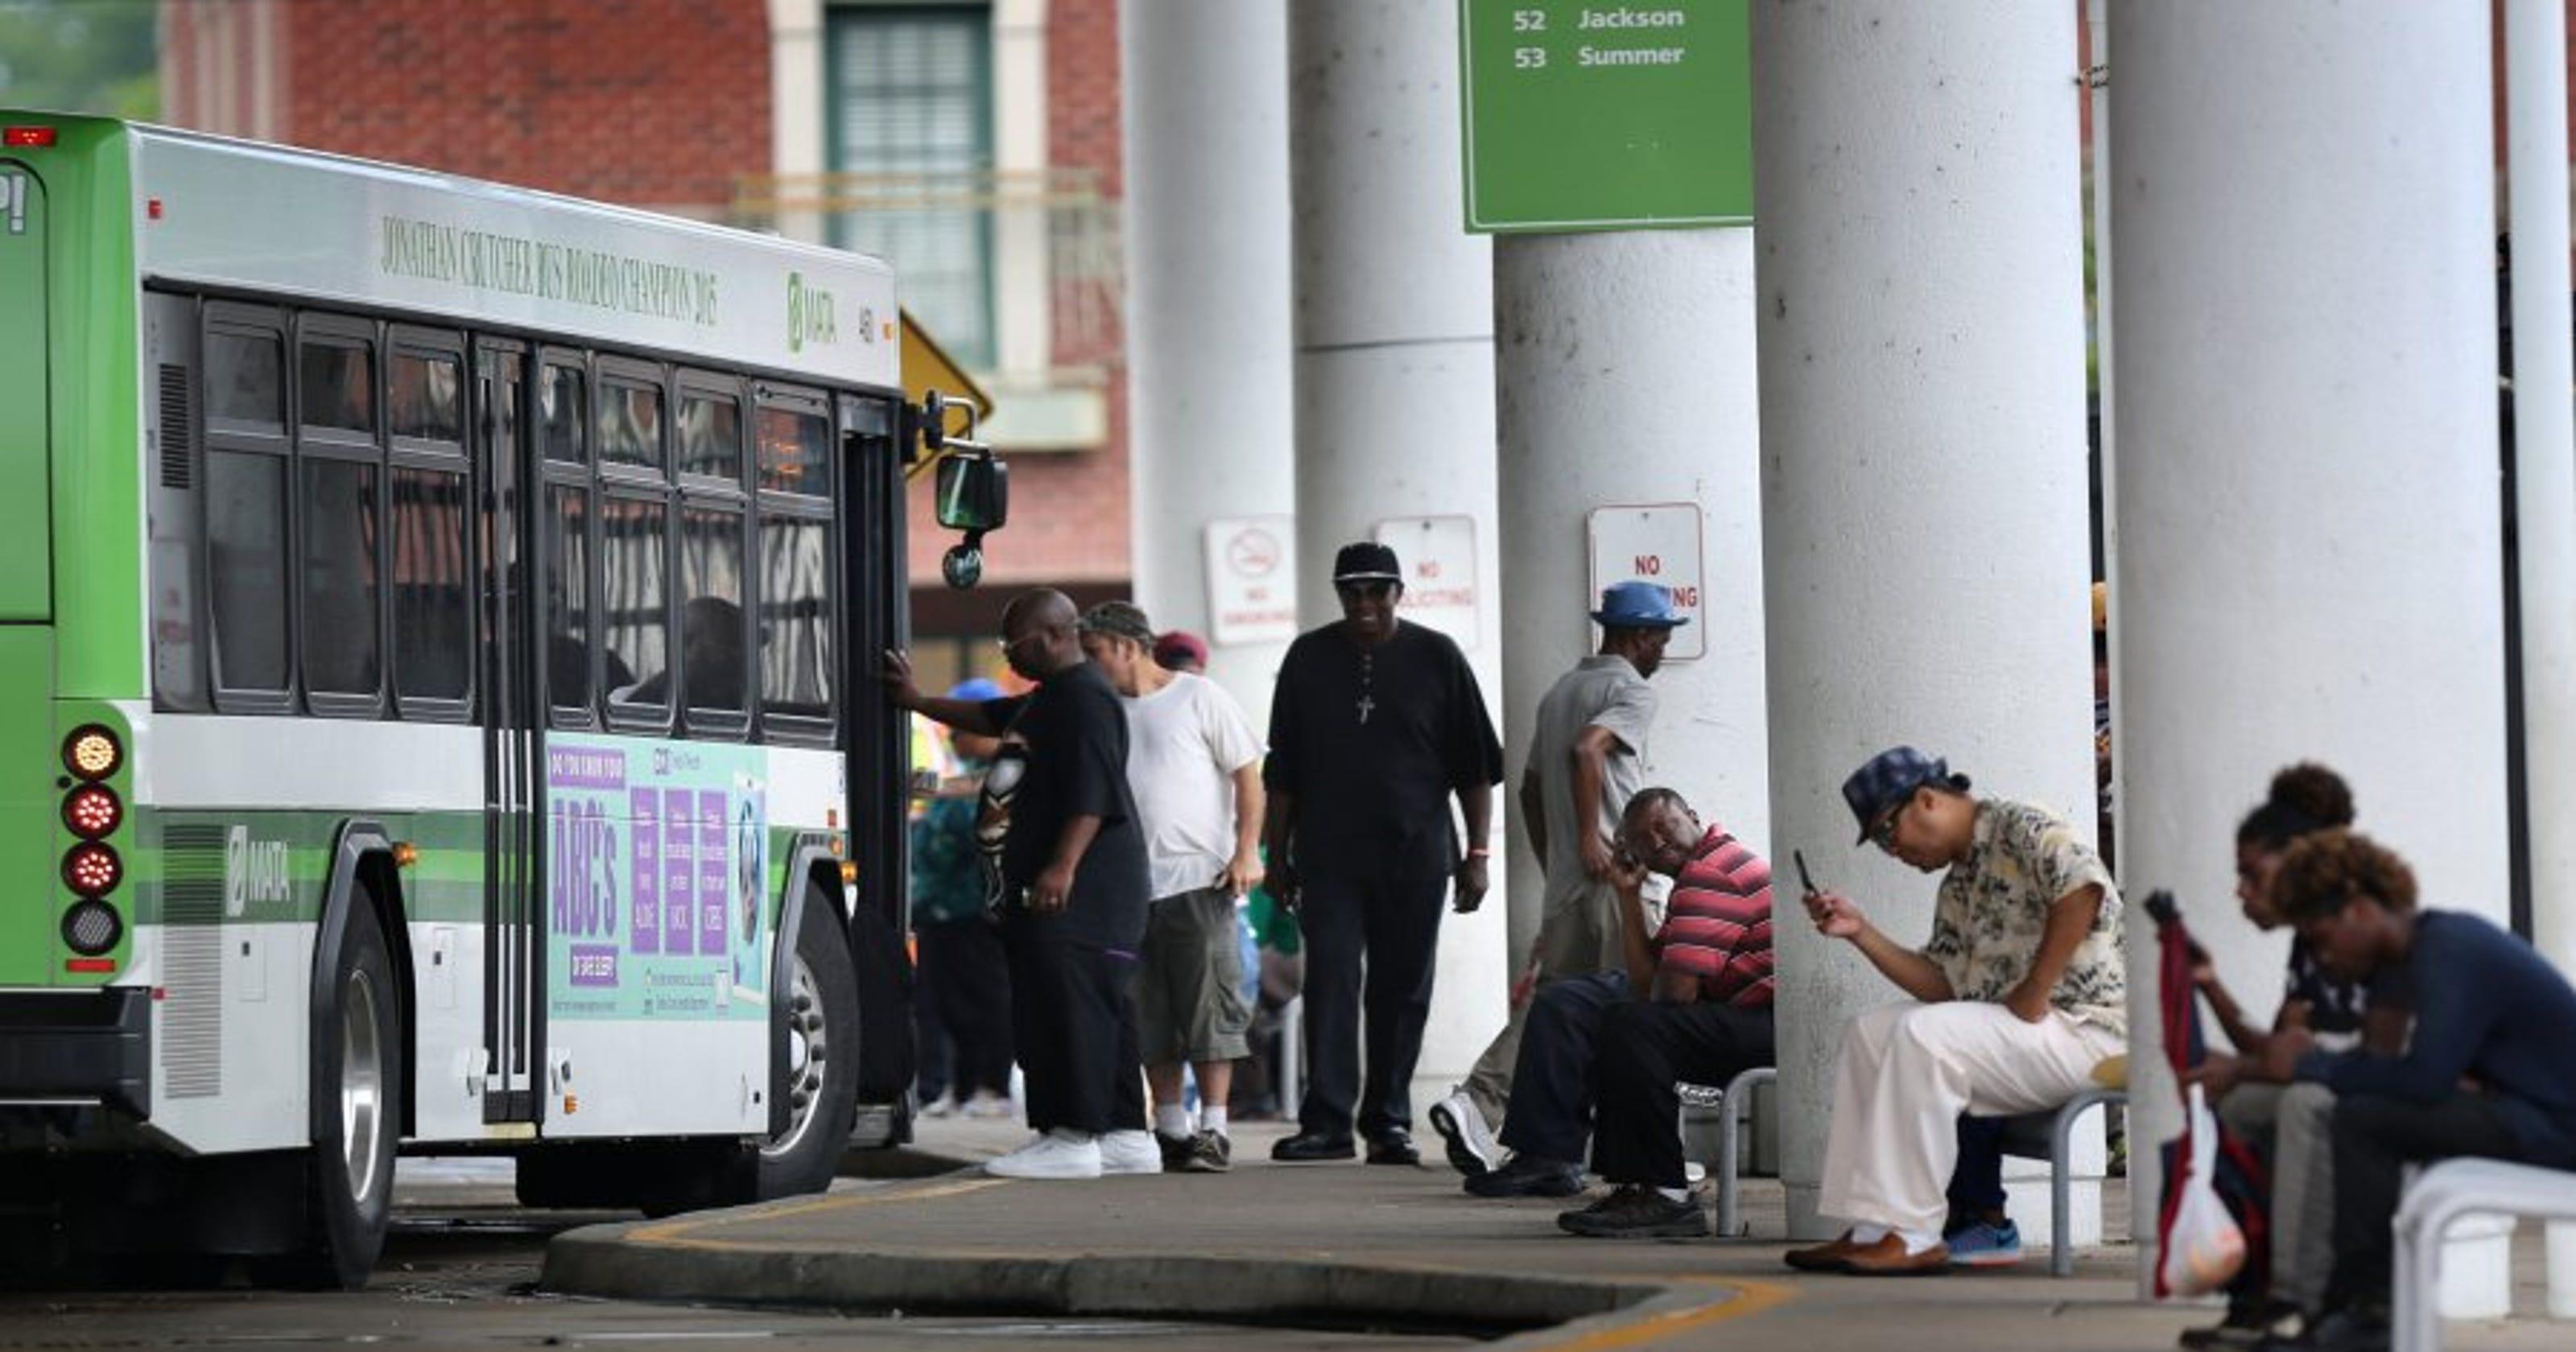 MATA to add, modify bus routes next week